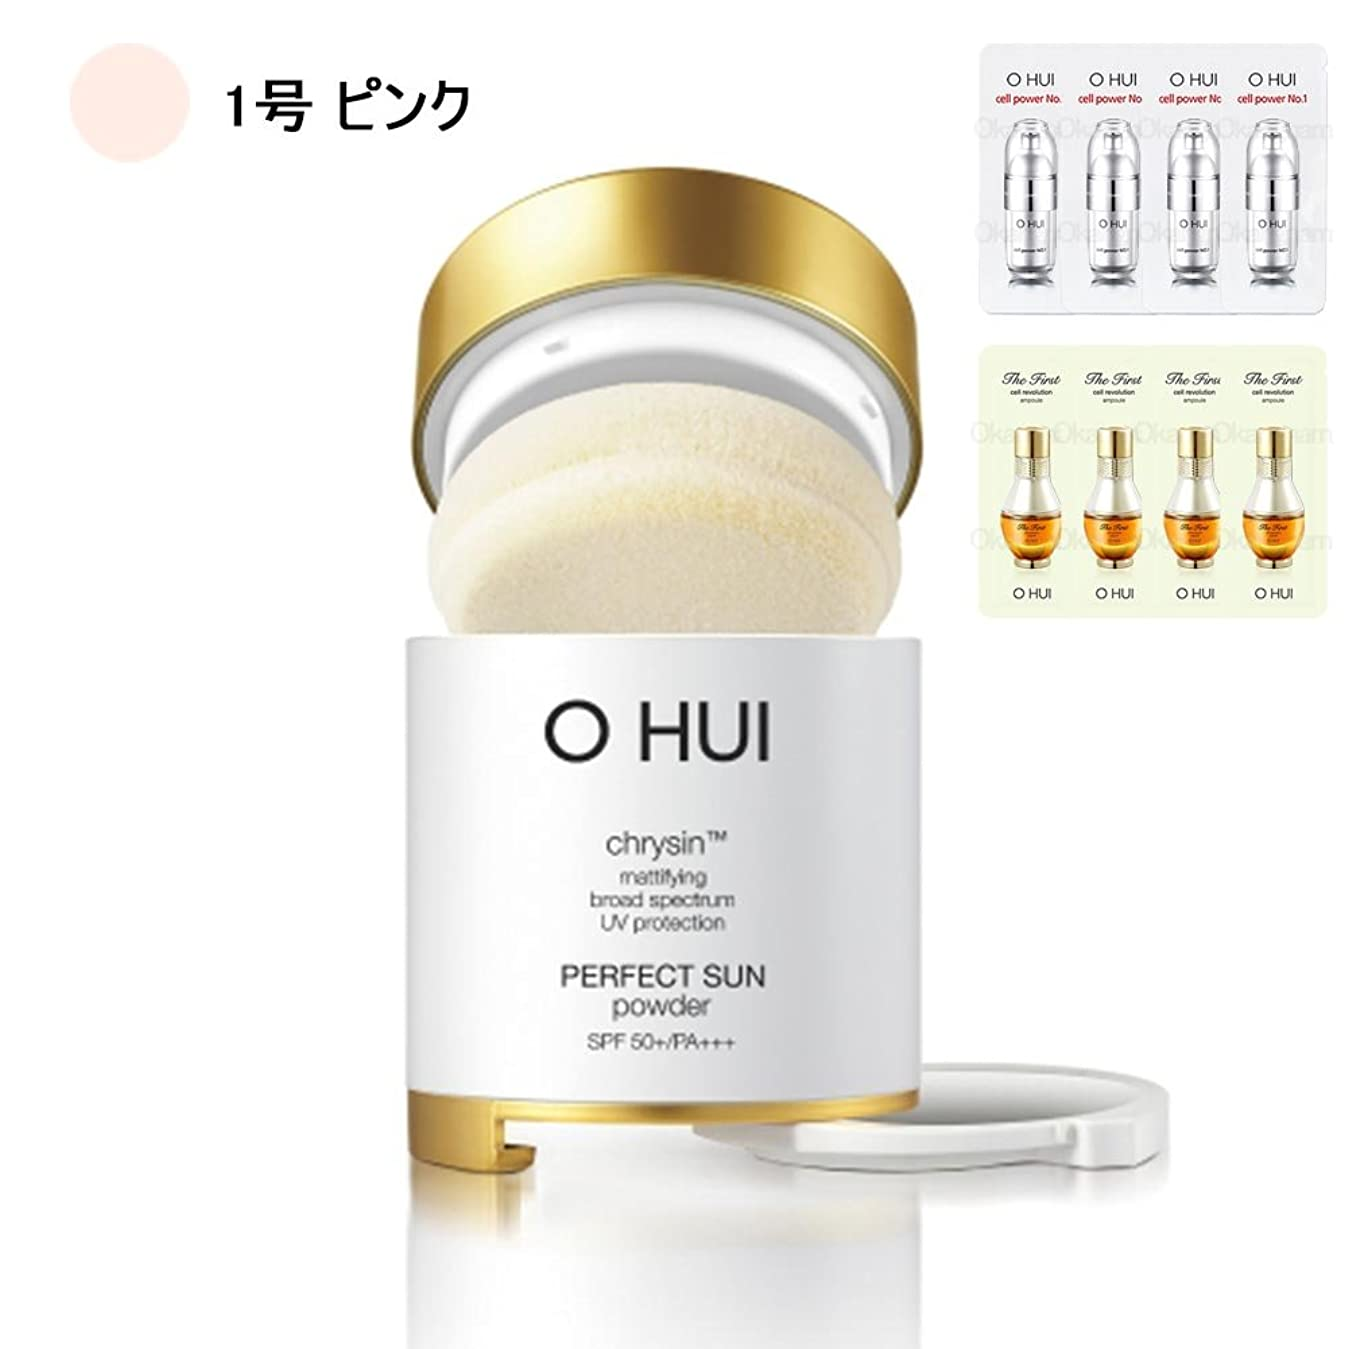 経由でセクタキウイ[オフィ/O HUI]韓国化粧品 LG生活健康/OHUI OFS06 PERFECT SUN POWDER/オフィ パーフェクトサンパウダー 1号 (SPF50+/PA+++) +[Sample Gift](海外直送品)